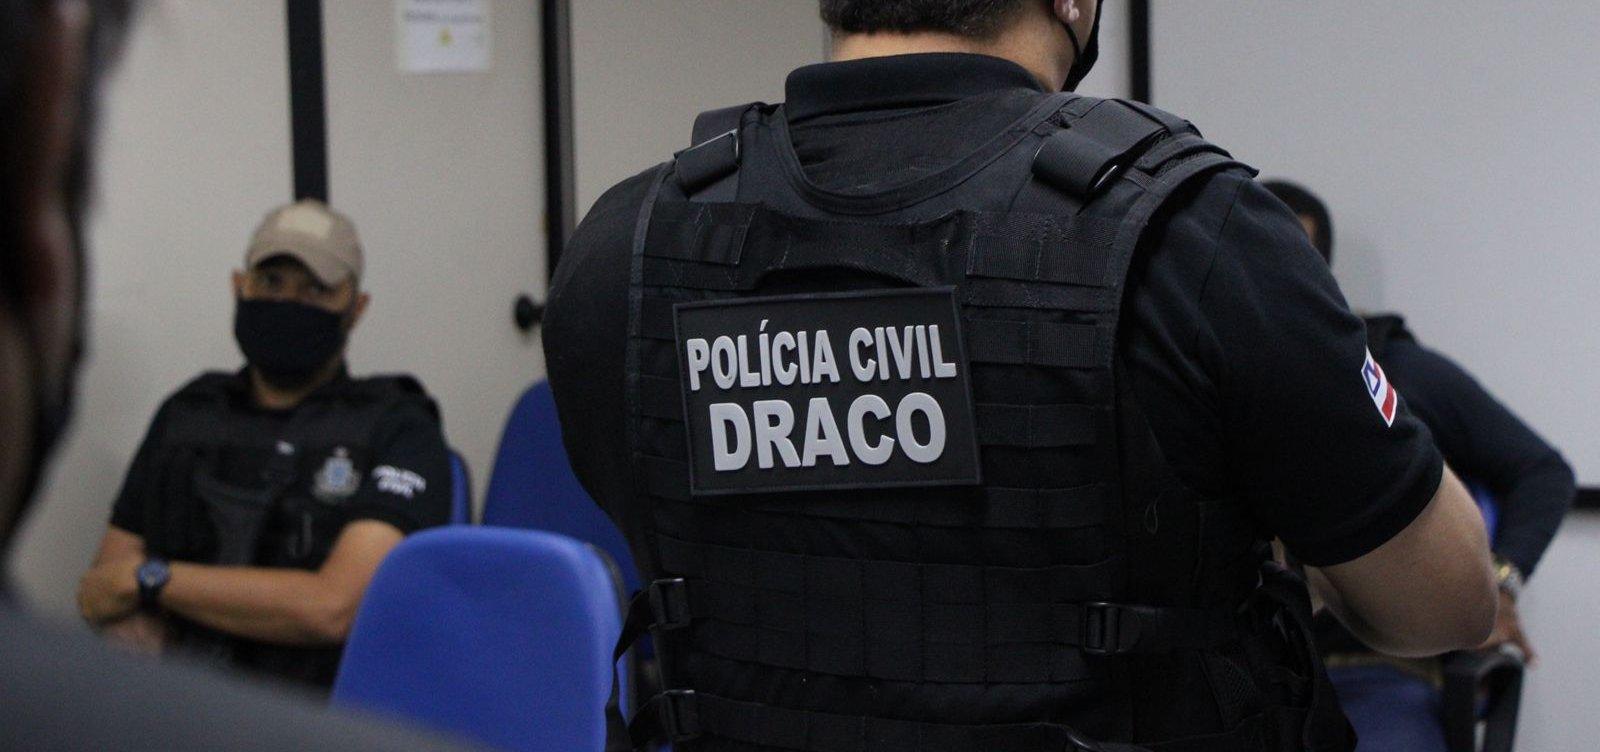 Polícia prende quadrilha envolvida em sequestro de empresário em Salvador -  Metro 1